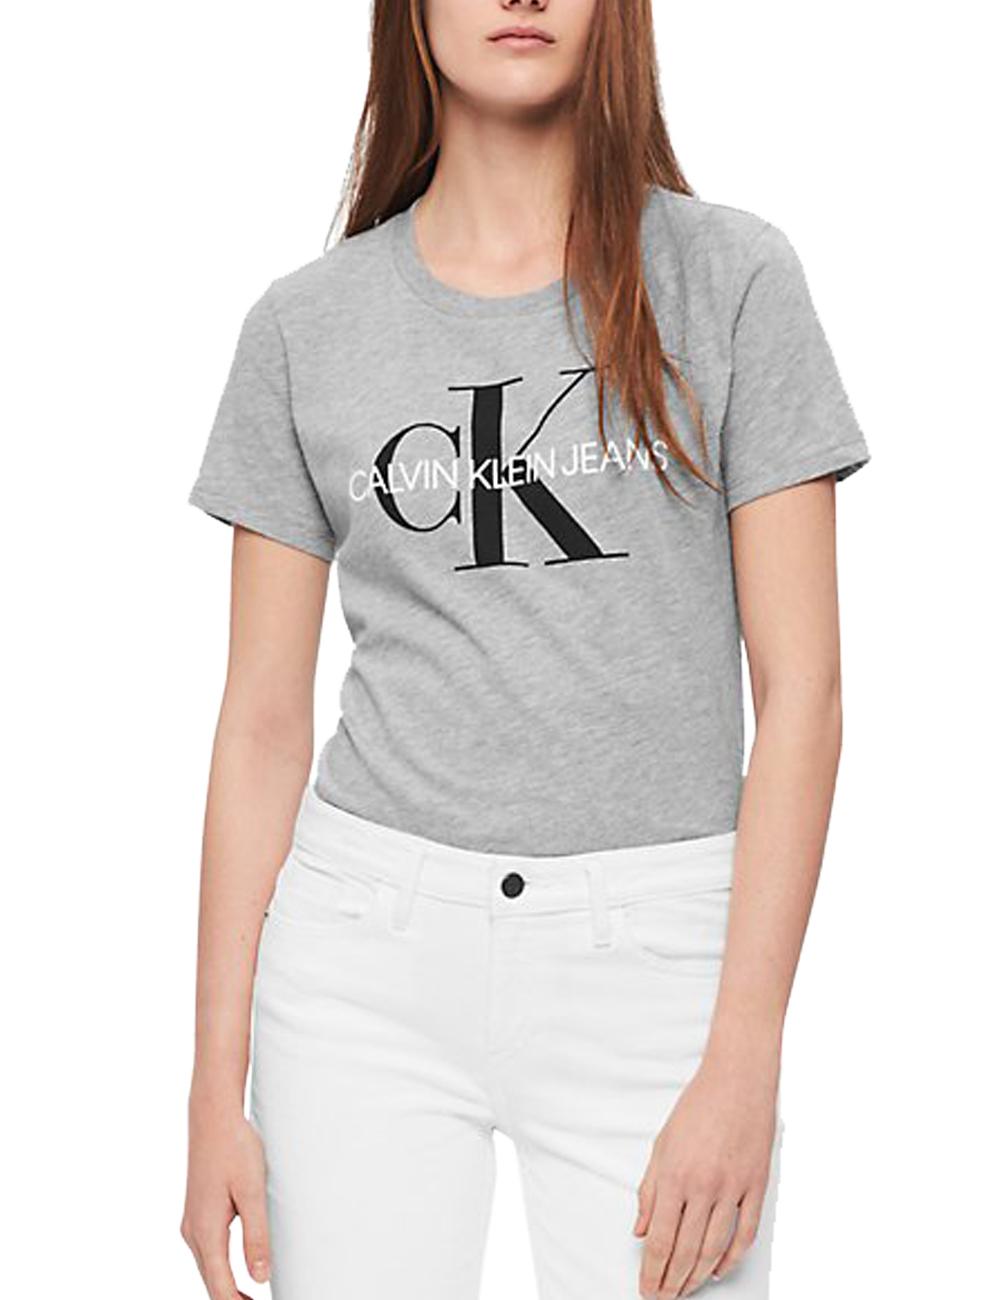 Damen T Shirt Calvin Klein Grau